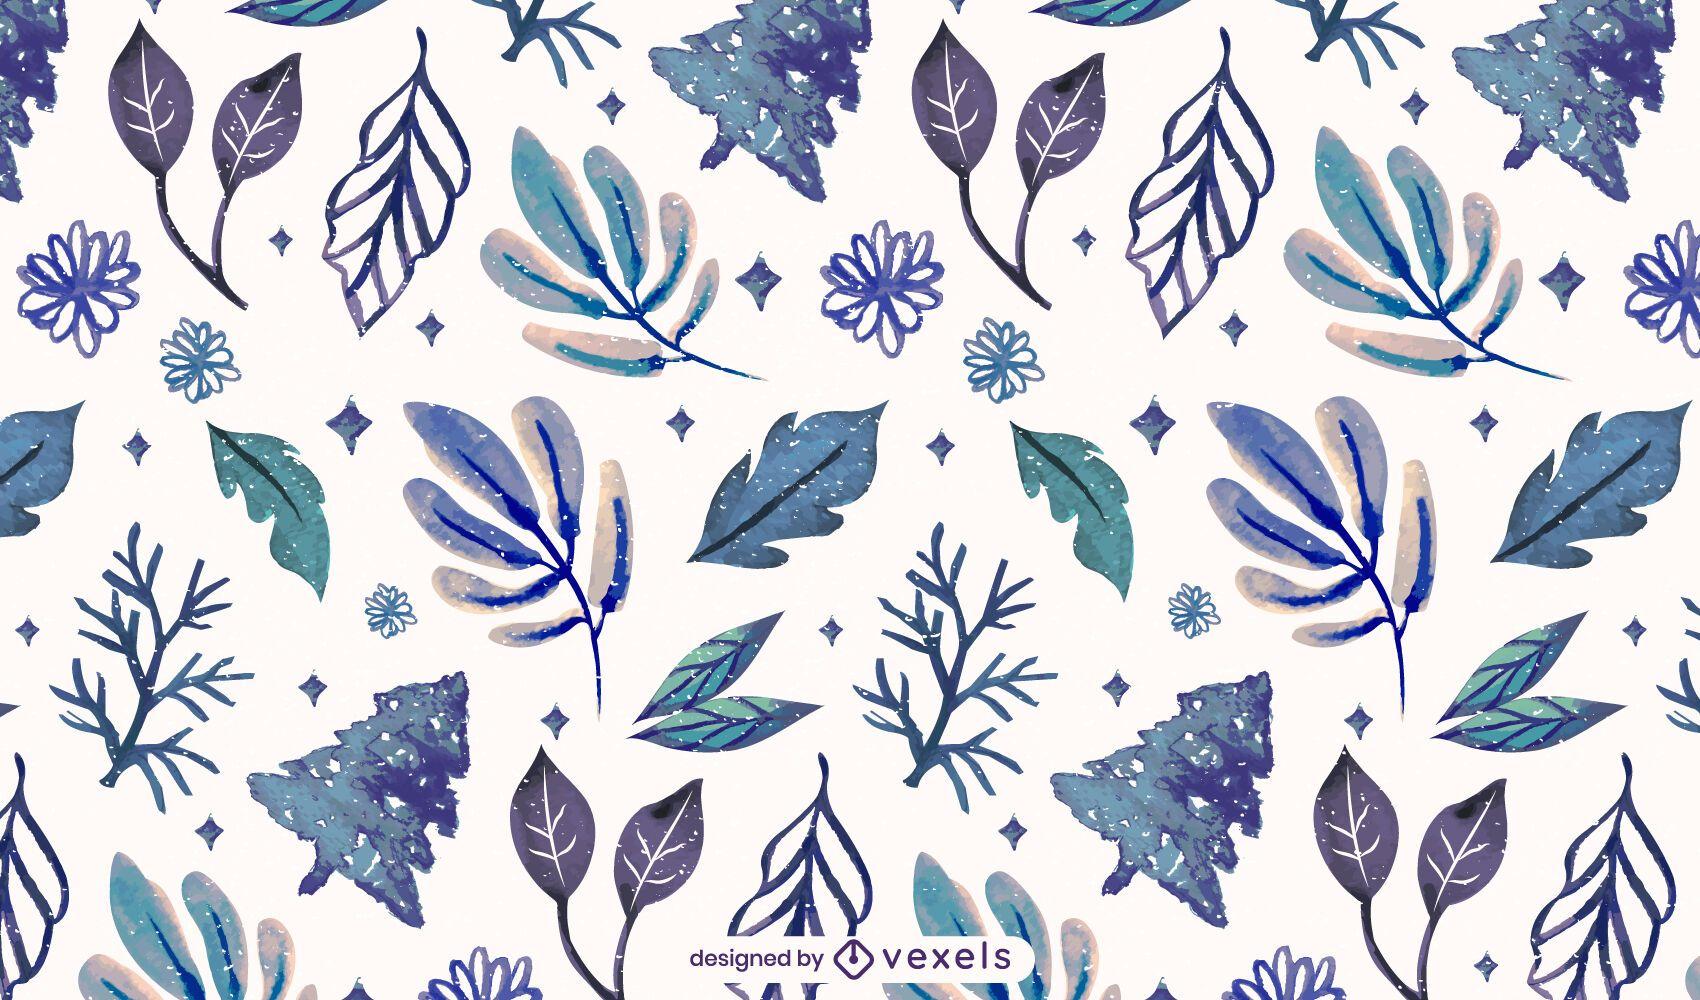 Diseño de patrón de hojas de invierno